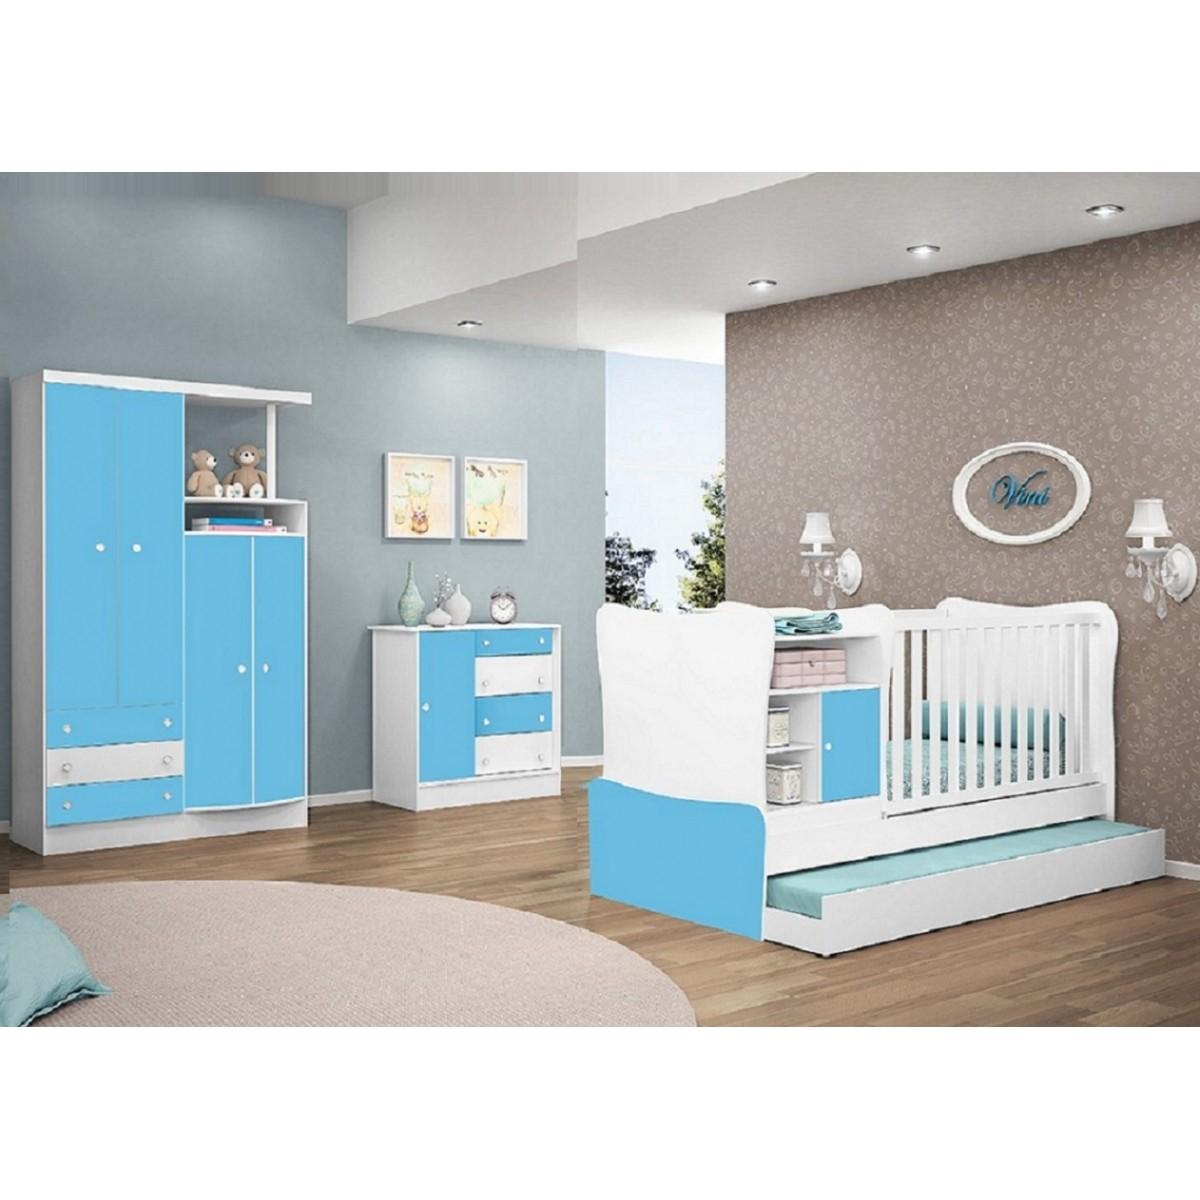 Quarto de Bebê  com Guarda Roupa + Cômoda + Cama + Cama Auxiliar + Criados Doce Magia - QMovi